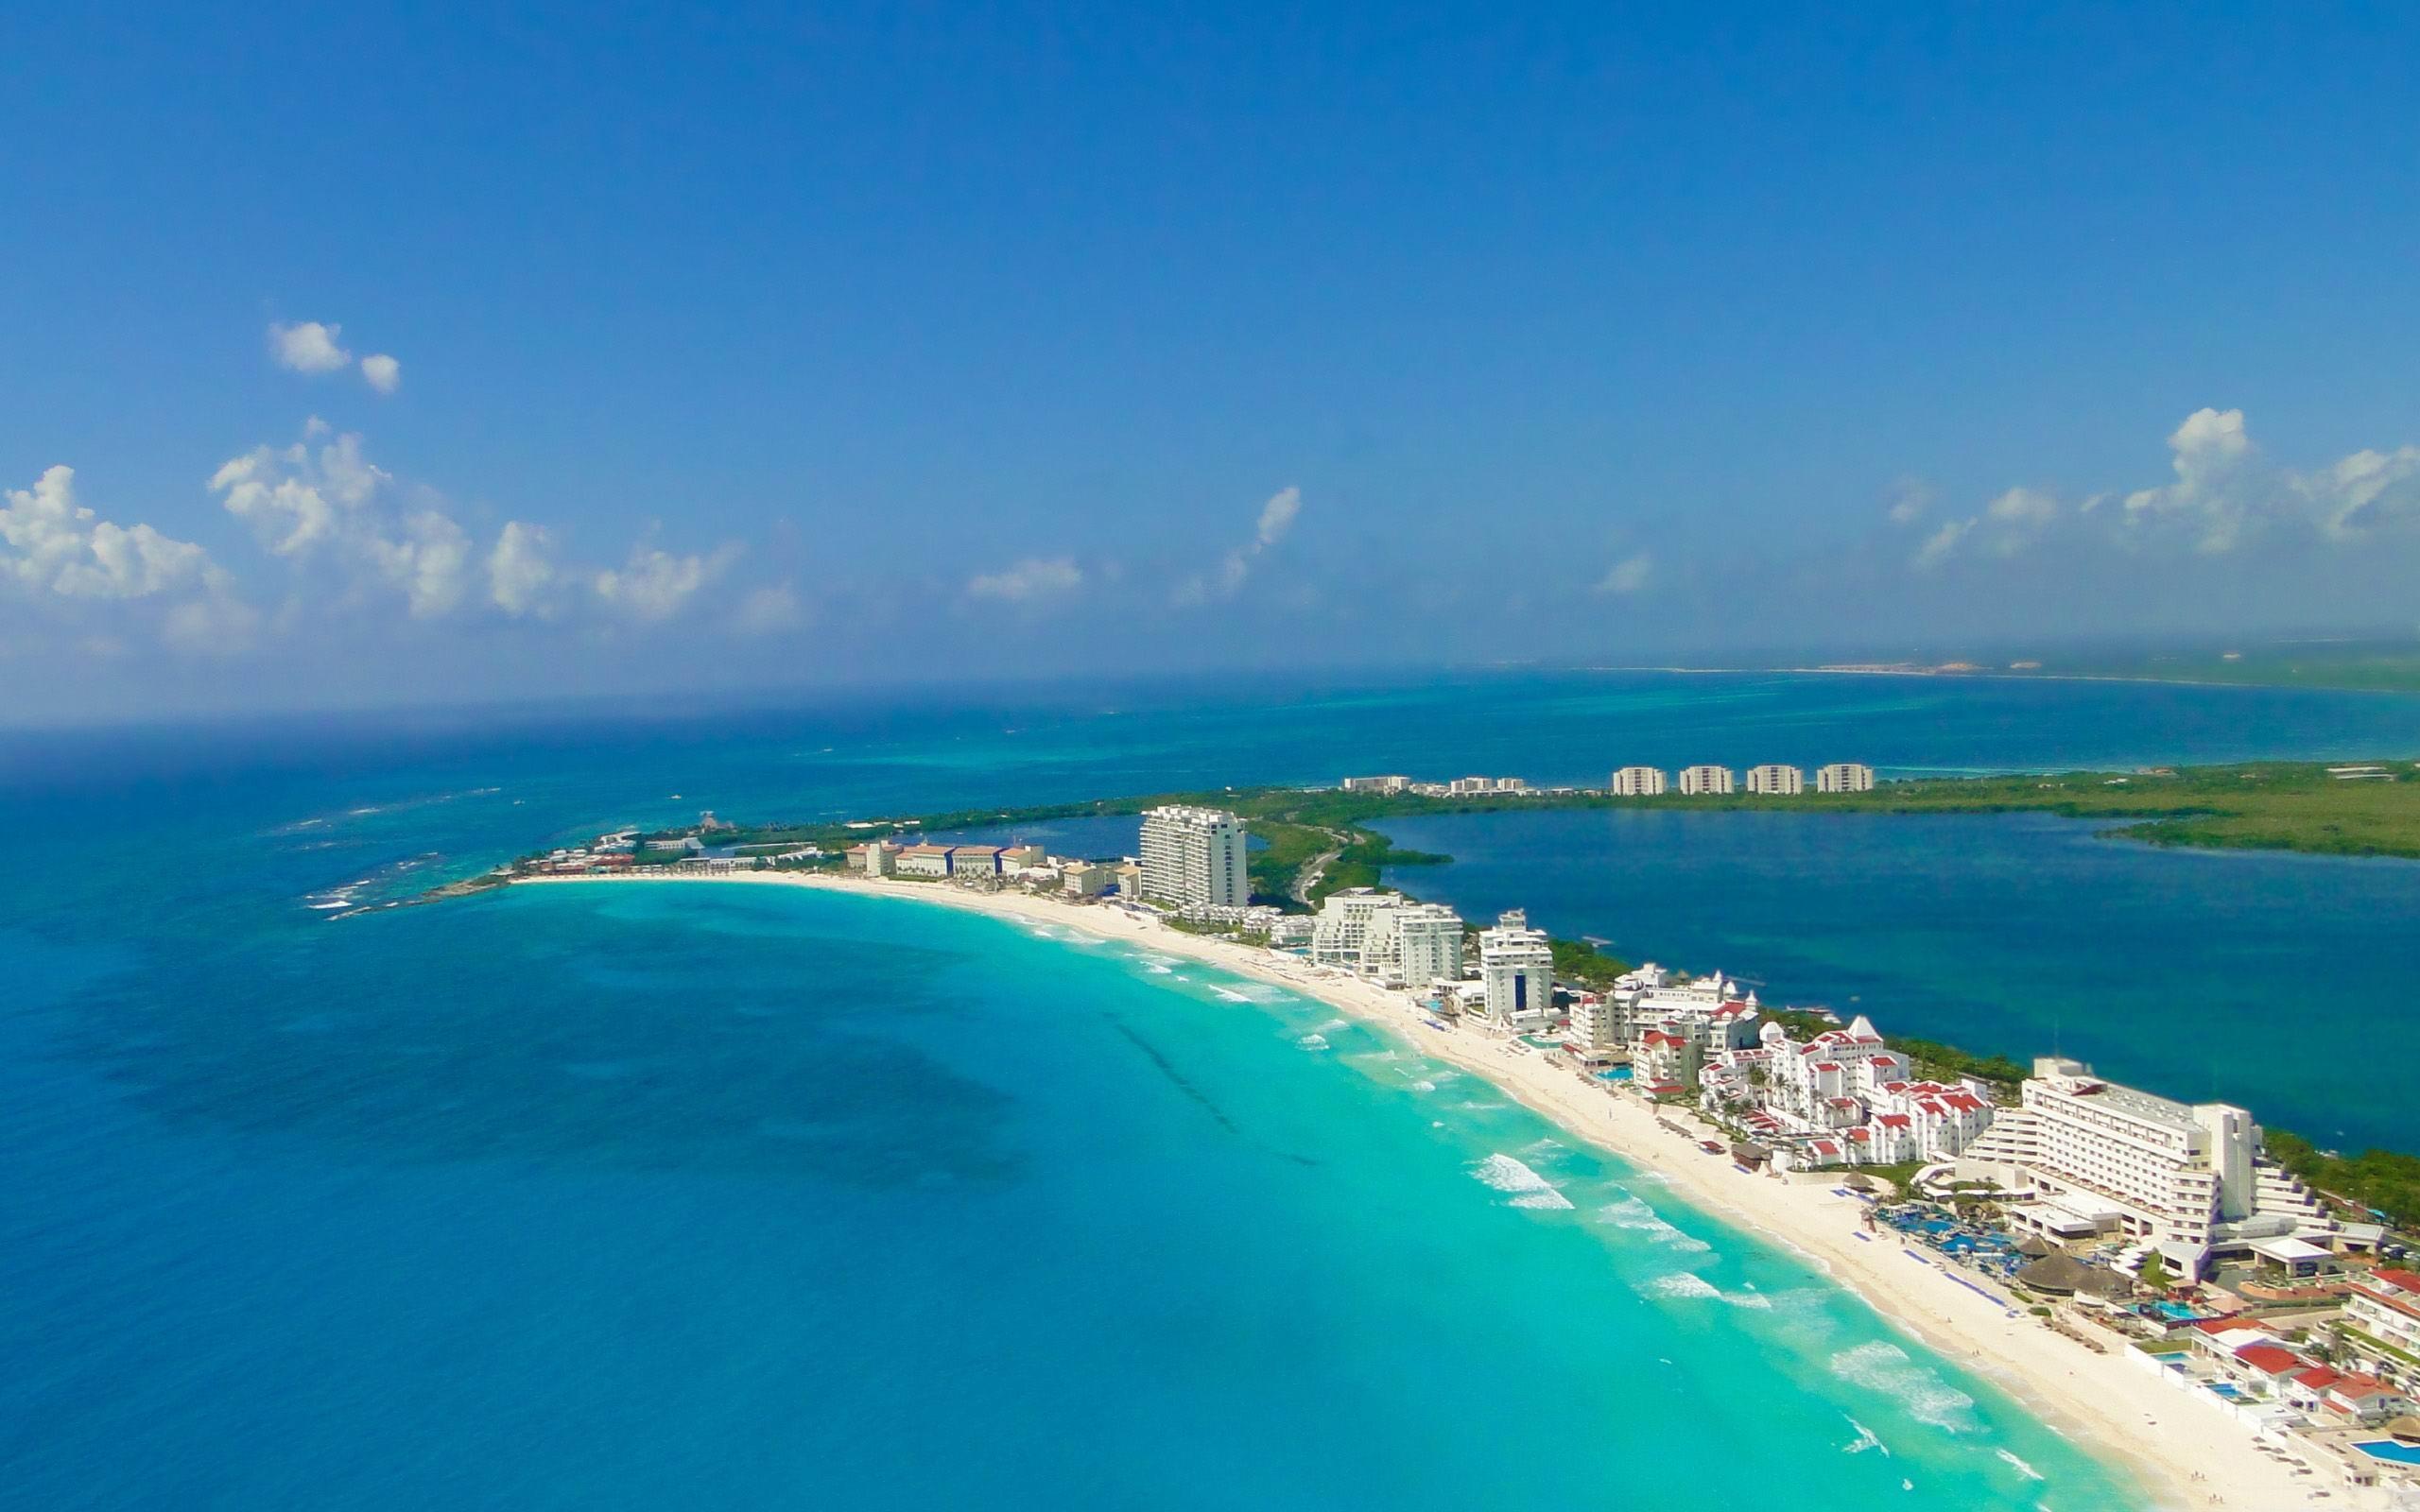 马尔代夫国家_蓝色坎昆-海滩风景壁纸预览   10wallpaper.com